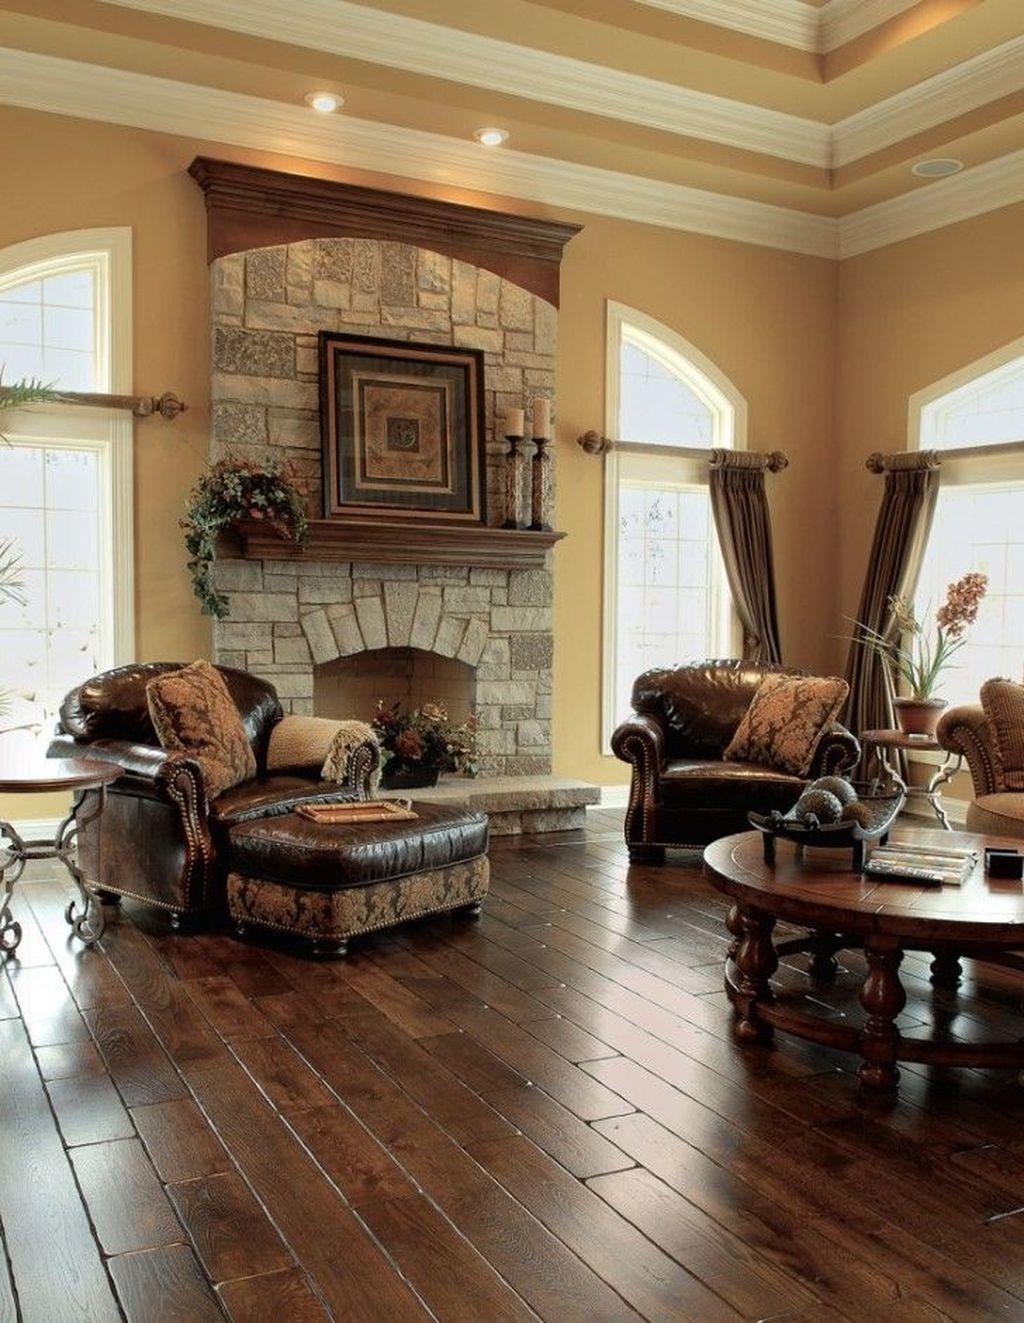 Inspiring Rustic Wooden Floor Living Room Design14